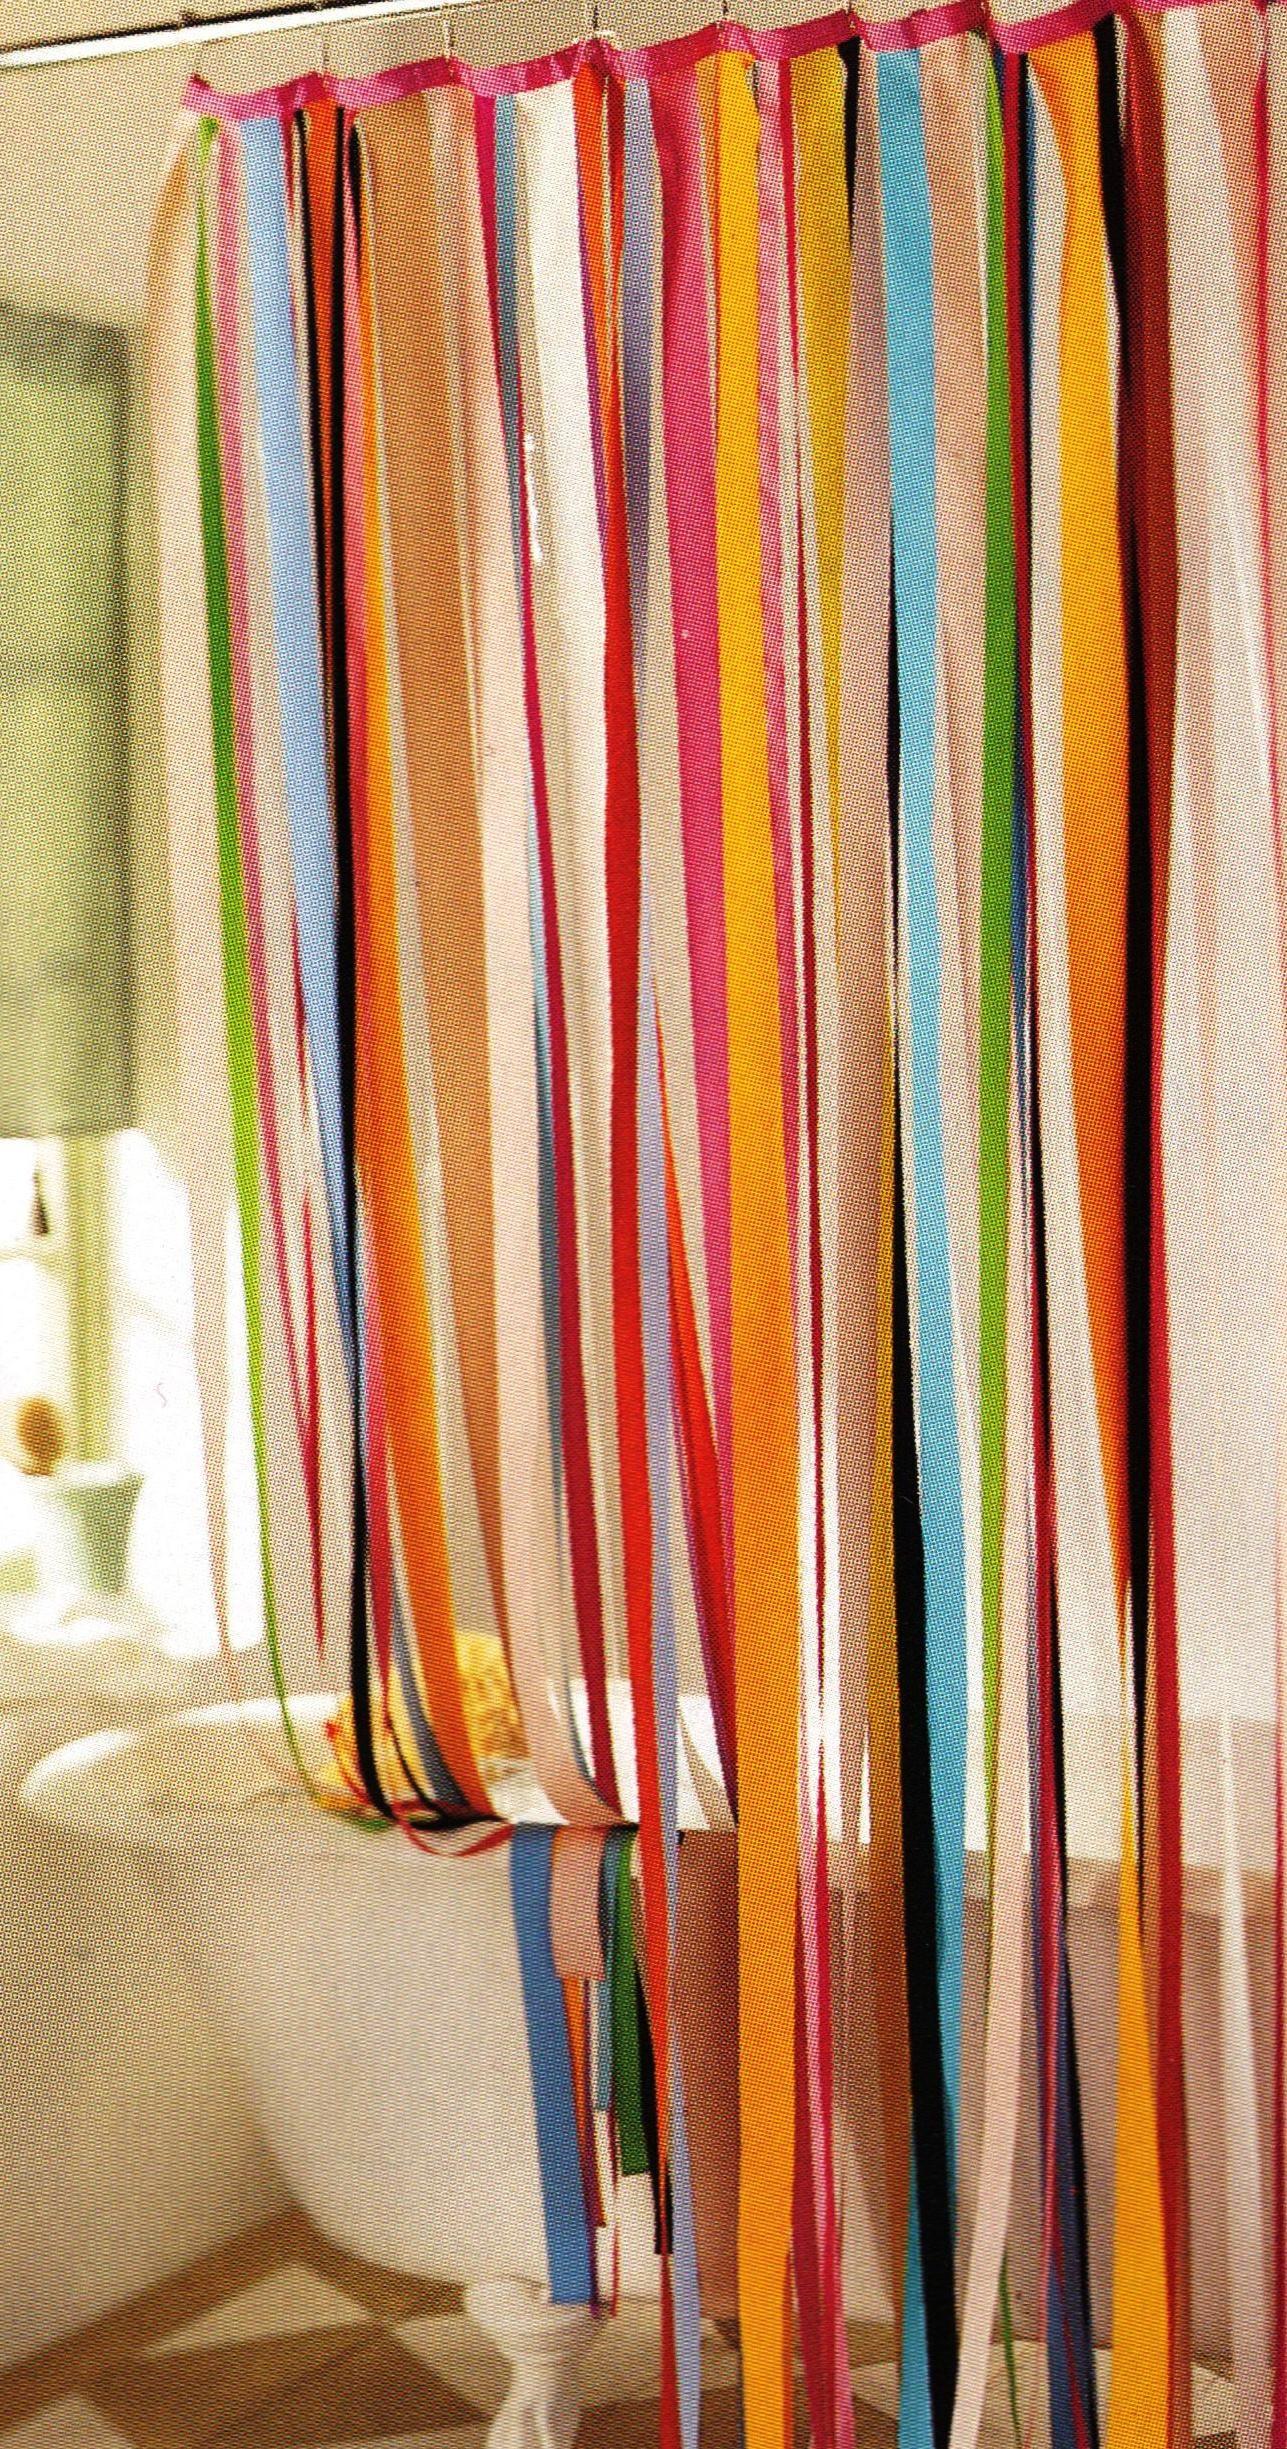 Ribbon shower curtain i really like this there are soooo many